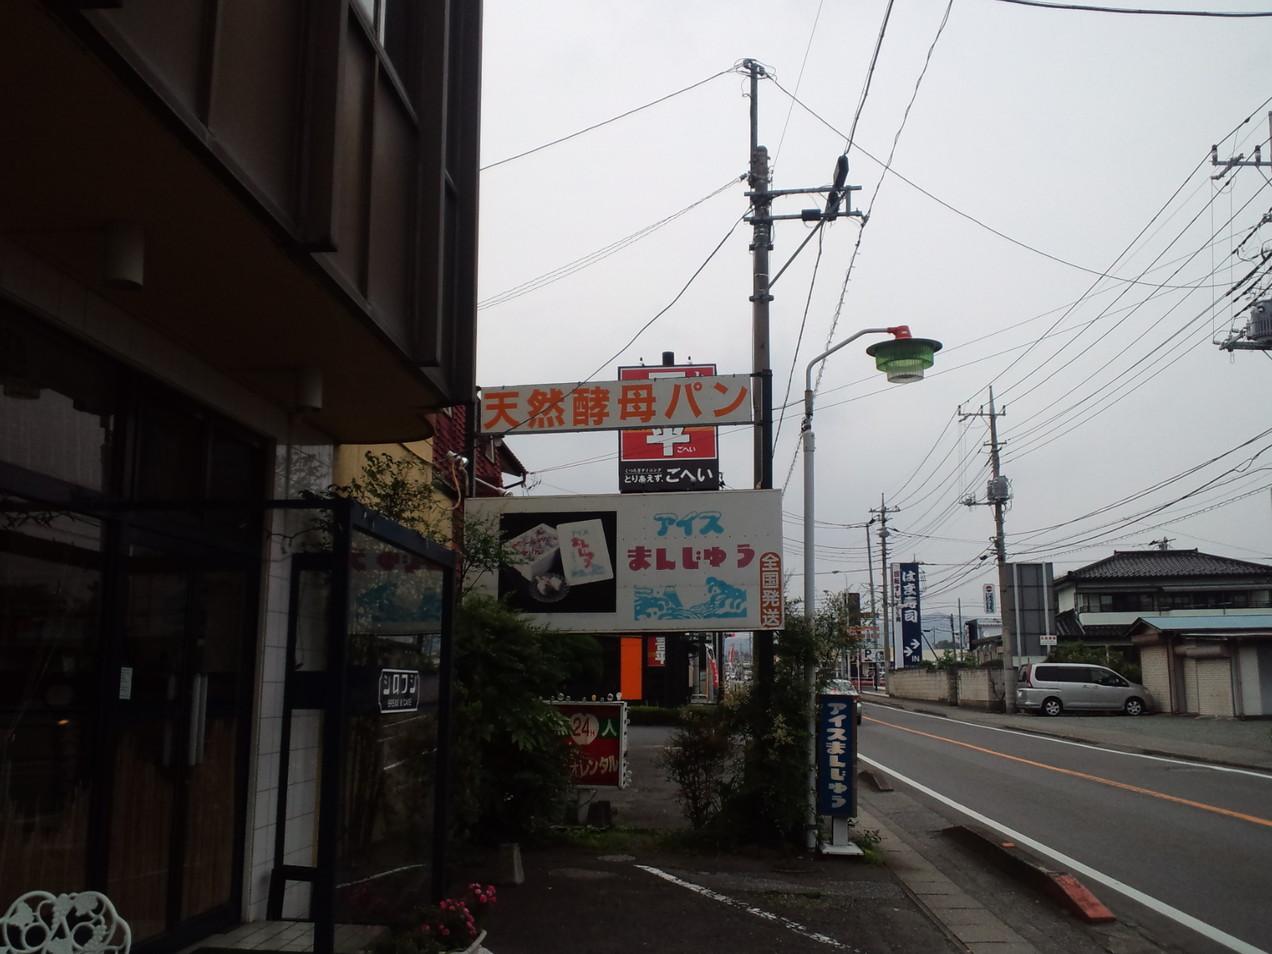 シロフジ製パン所 name=